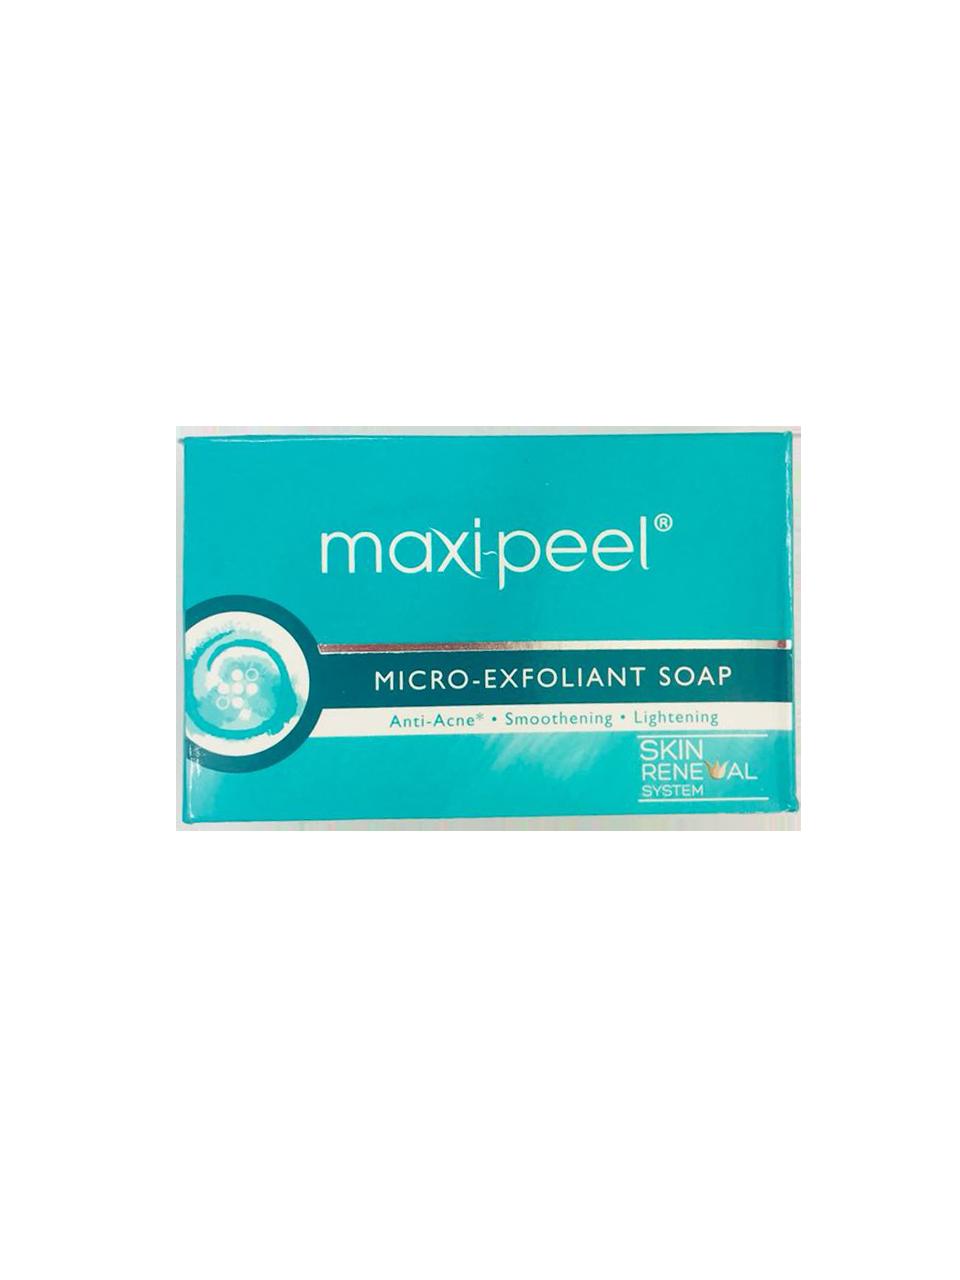 Maxipeel Micro Exfoliant Soap 125g